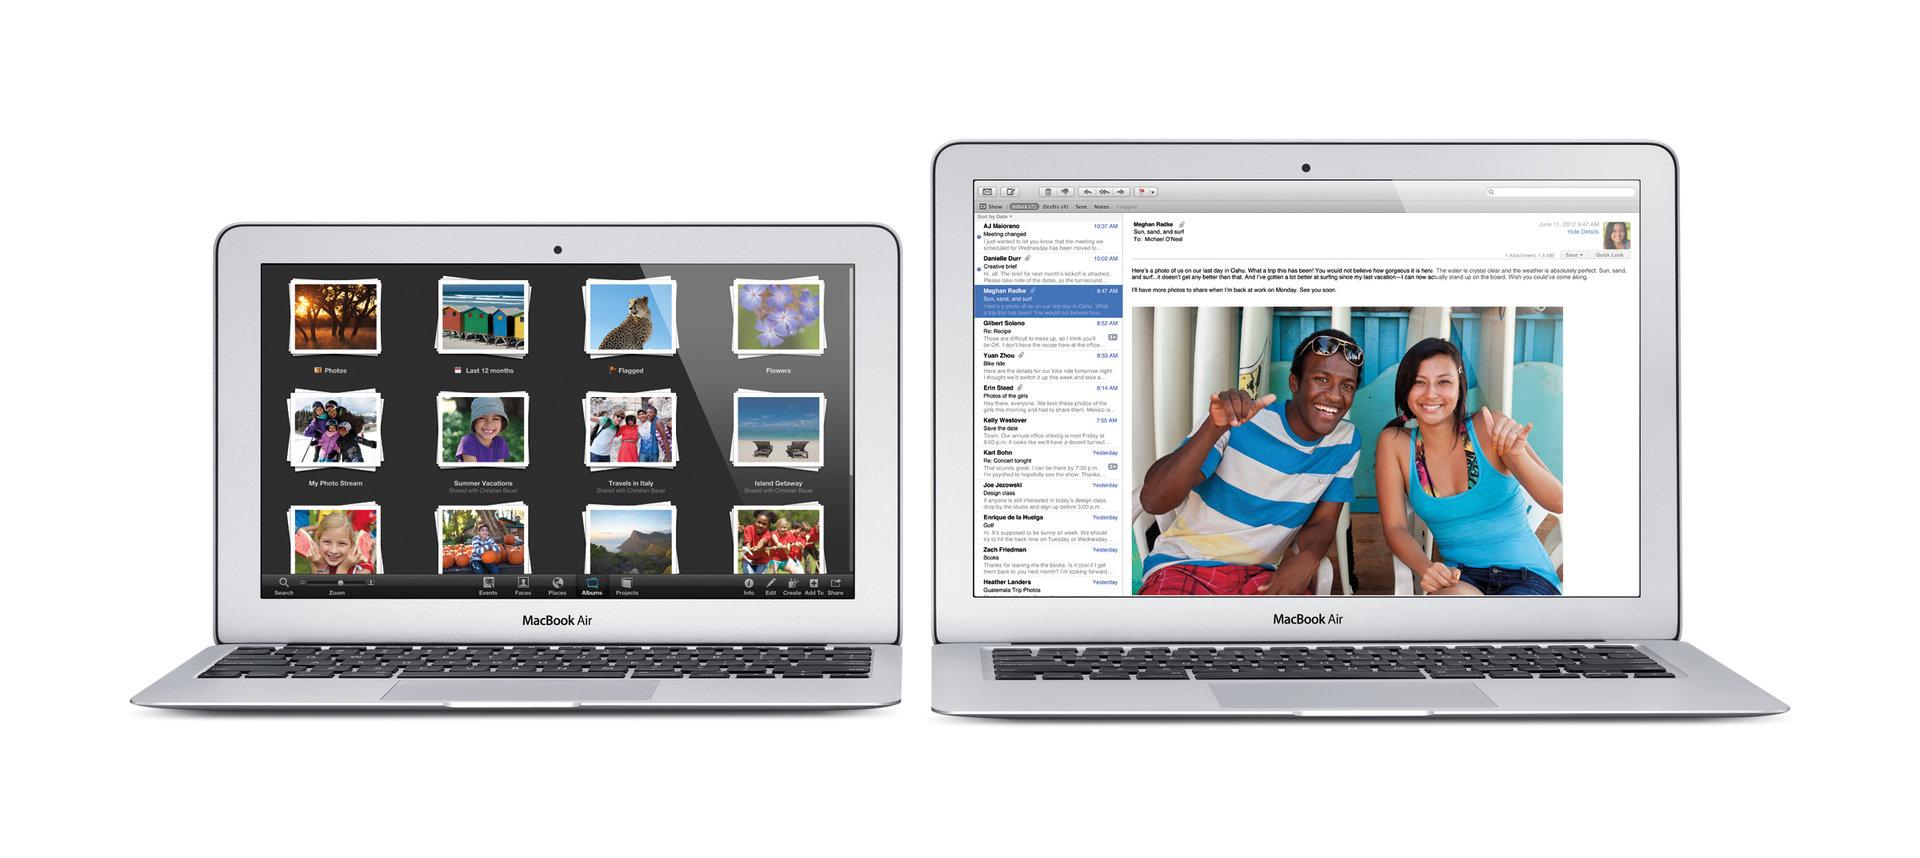 Apple MacBook Air (2013)